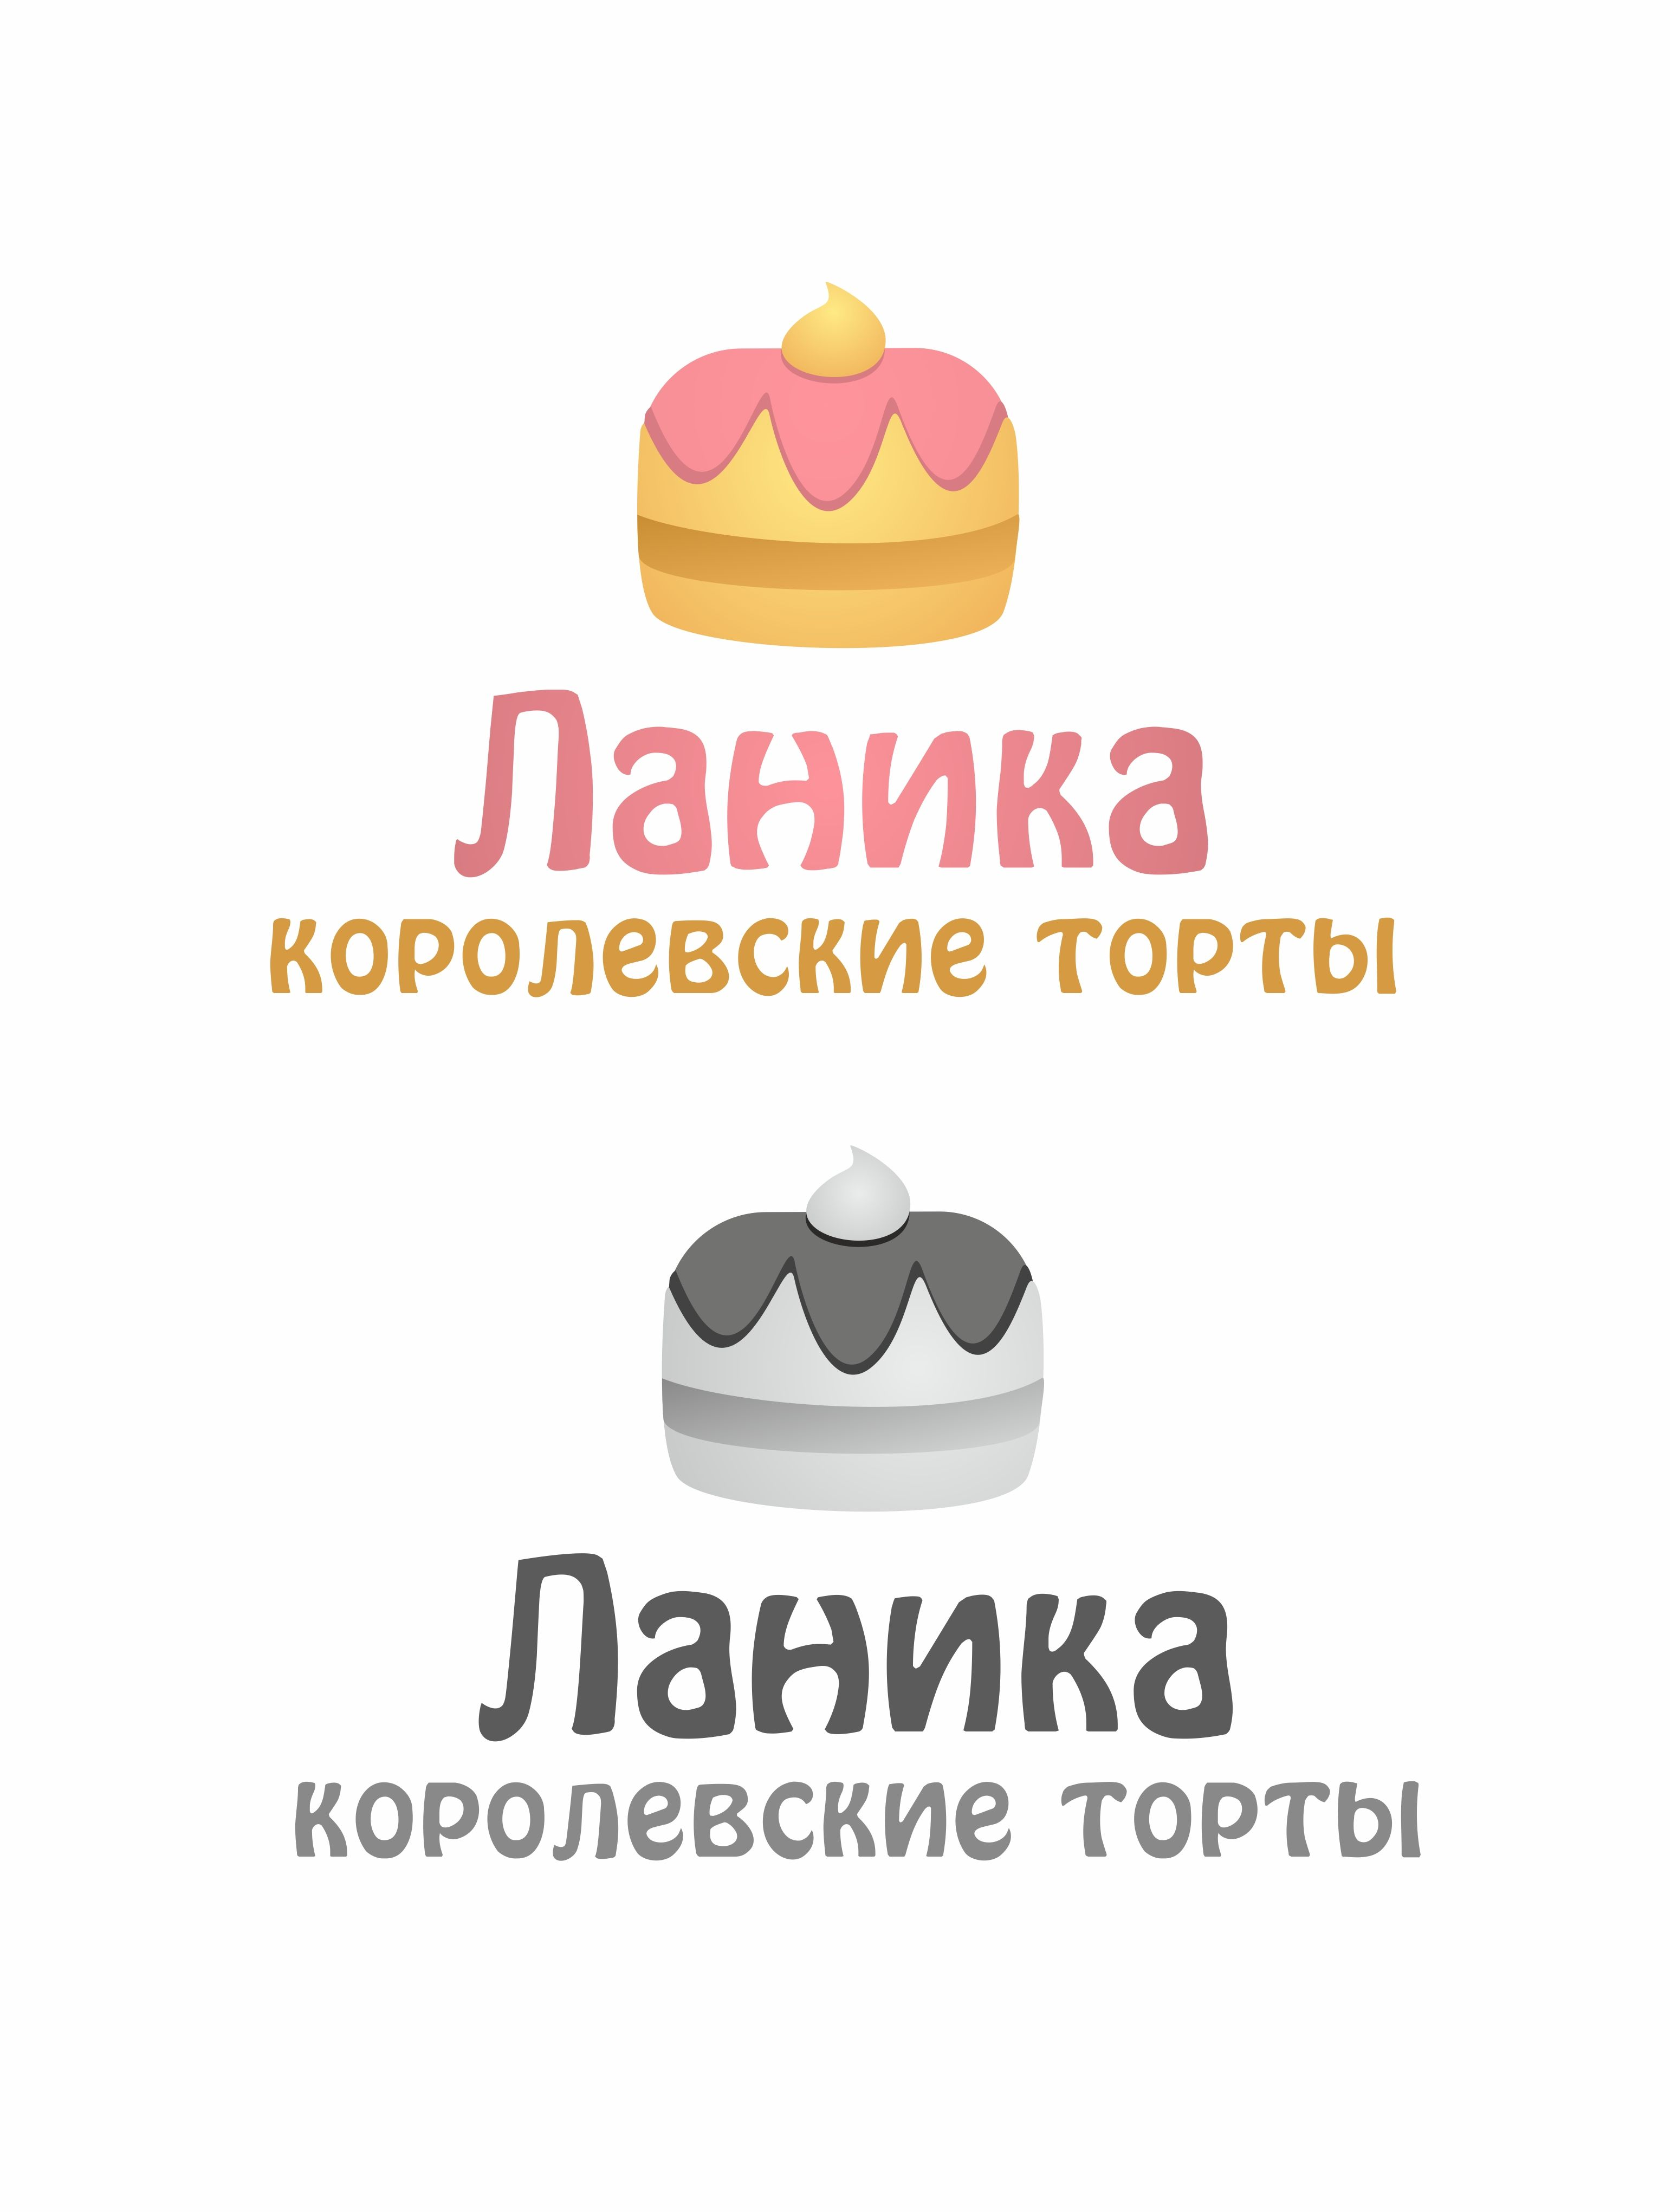 Лого ИМ тортов,пирожных и печенья ручной работы - дизайнер LanaNova